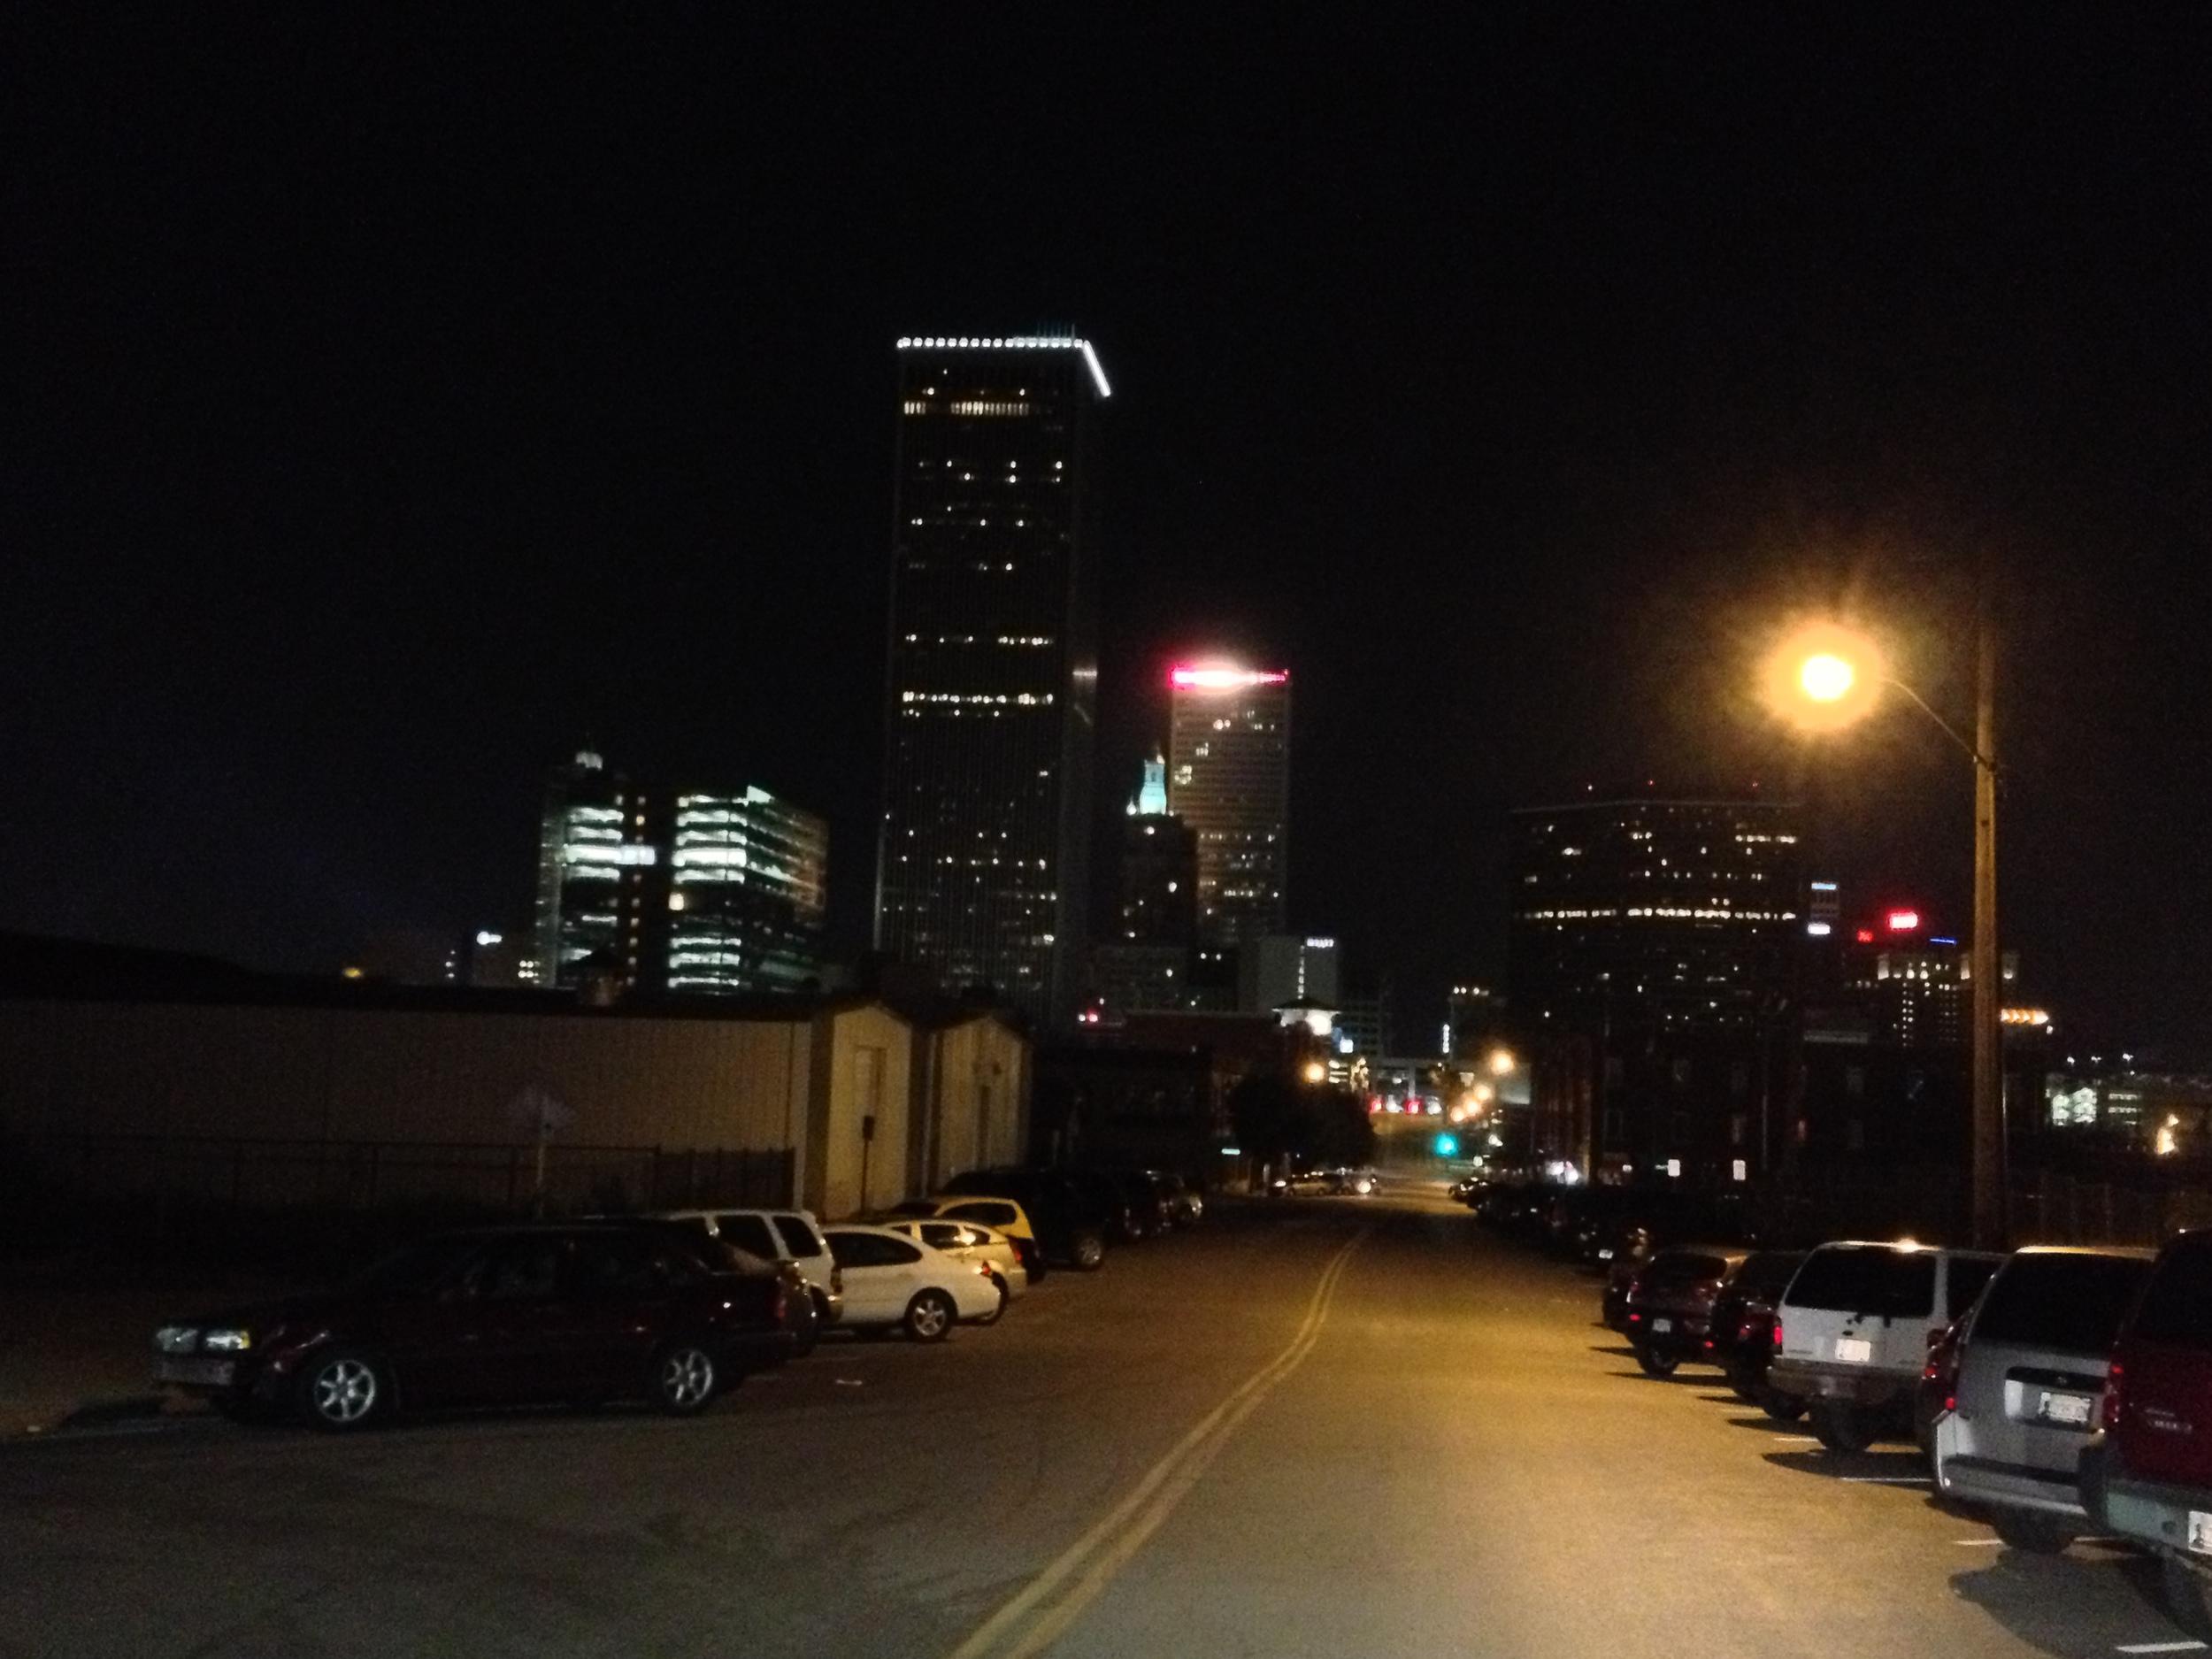 tDowntown Tulsa